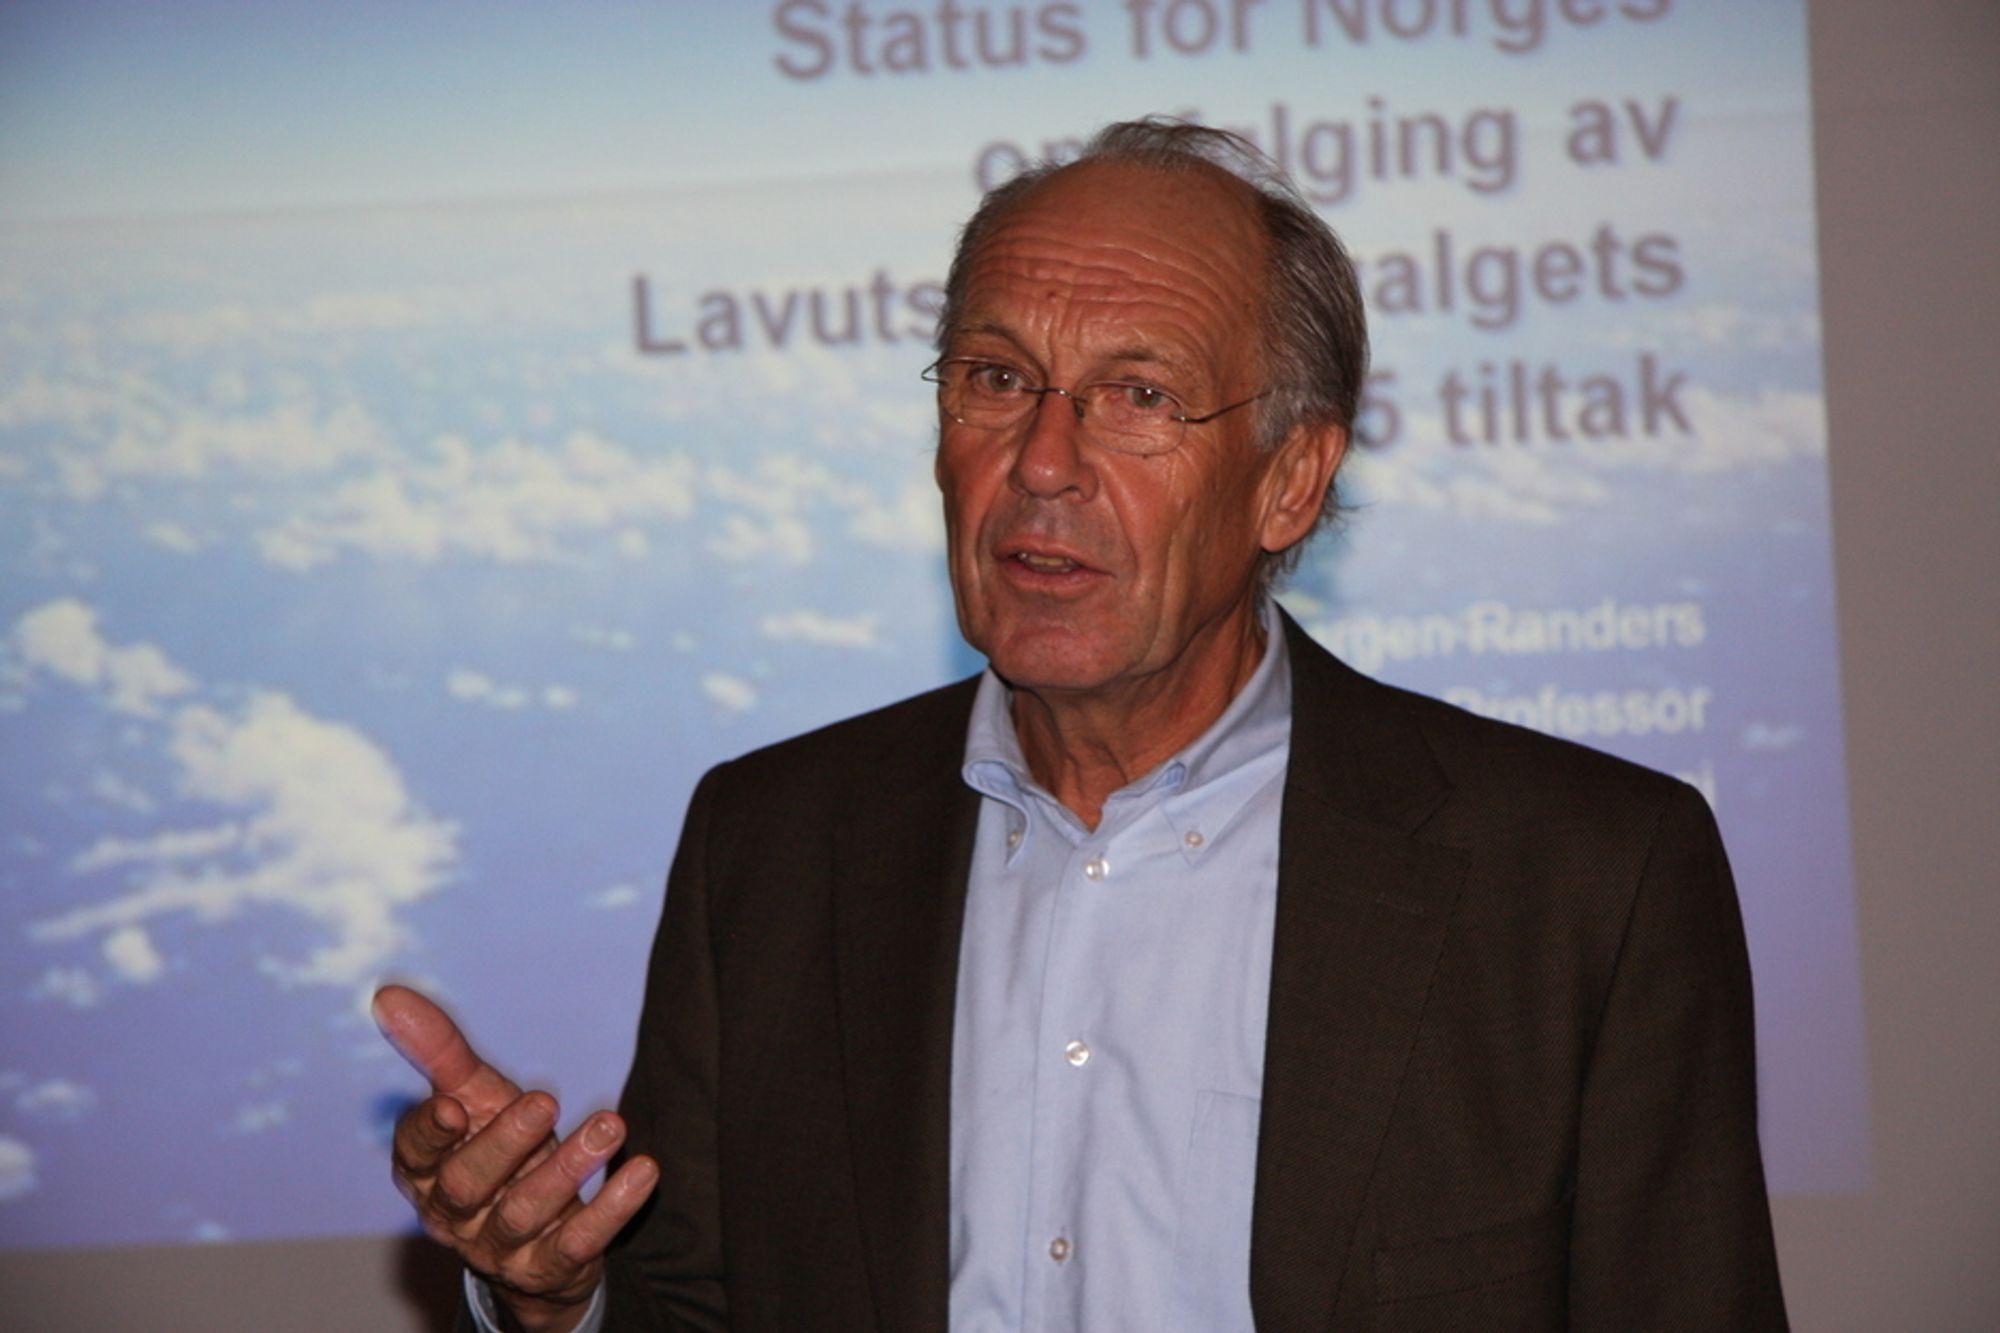 SKEPTISK: Klimaprofessor Jørgen Randers mener kvotesystemet ikke makter å drive frem teknologisk utvikling. - Markedet trenger hjelp fra politikerne, sier han.